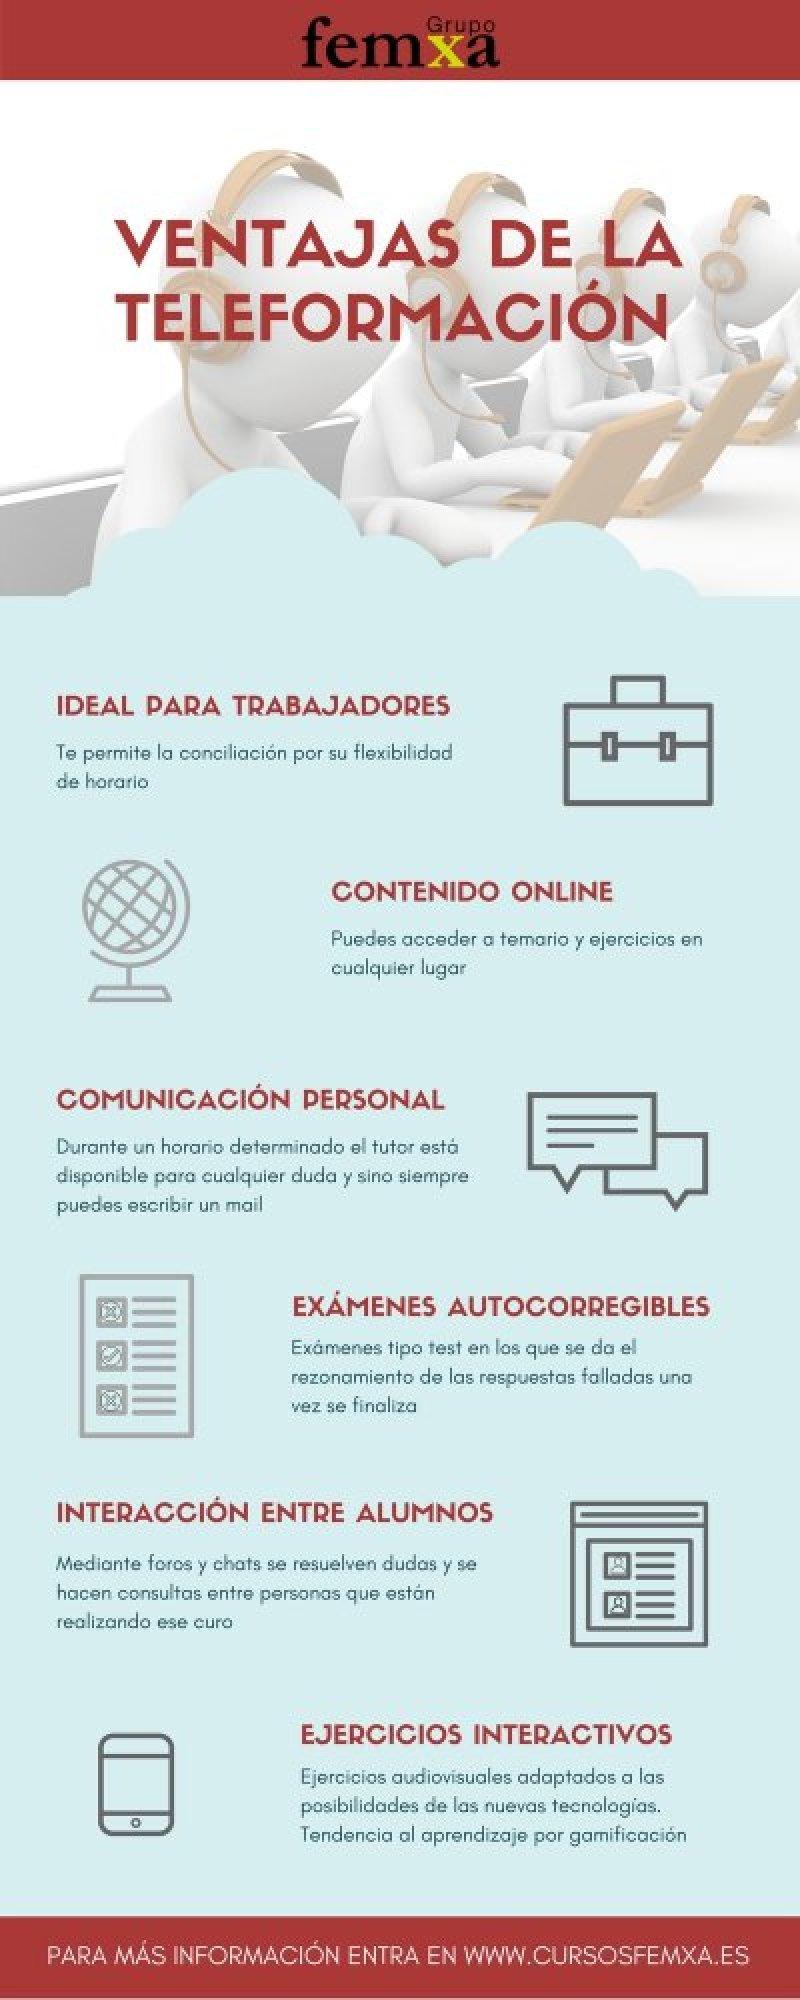 Características de los cursos para trabajadores